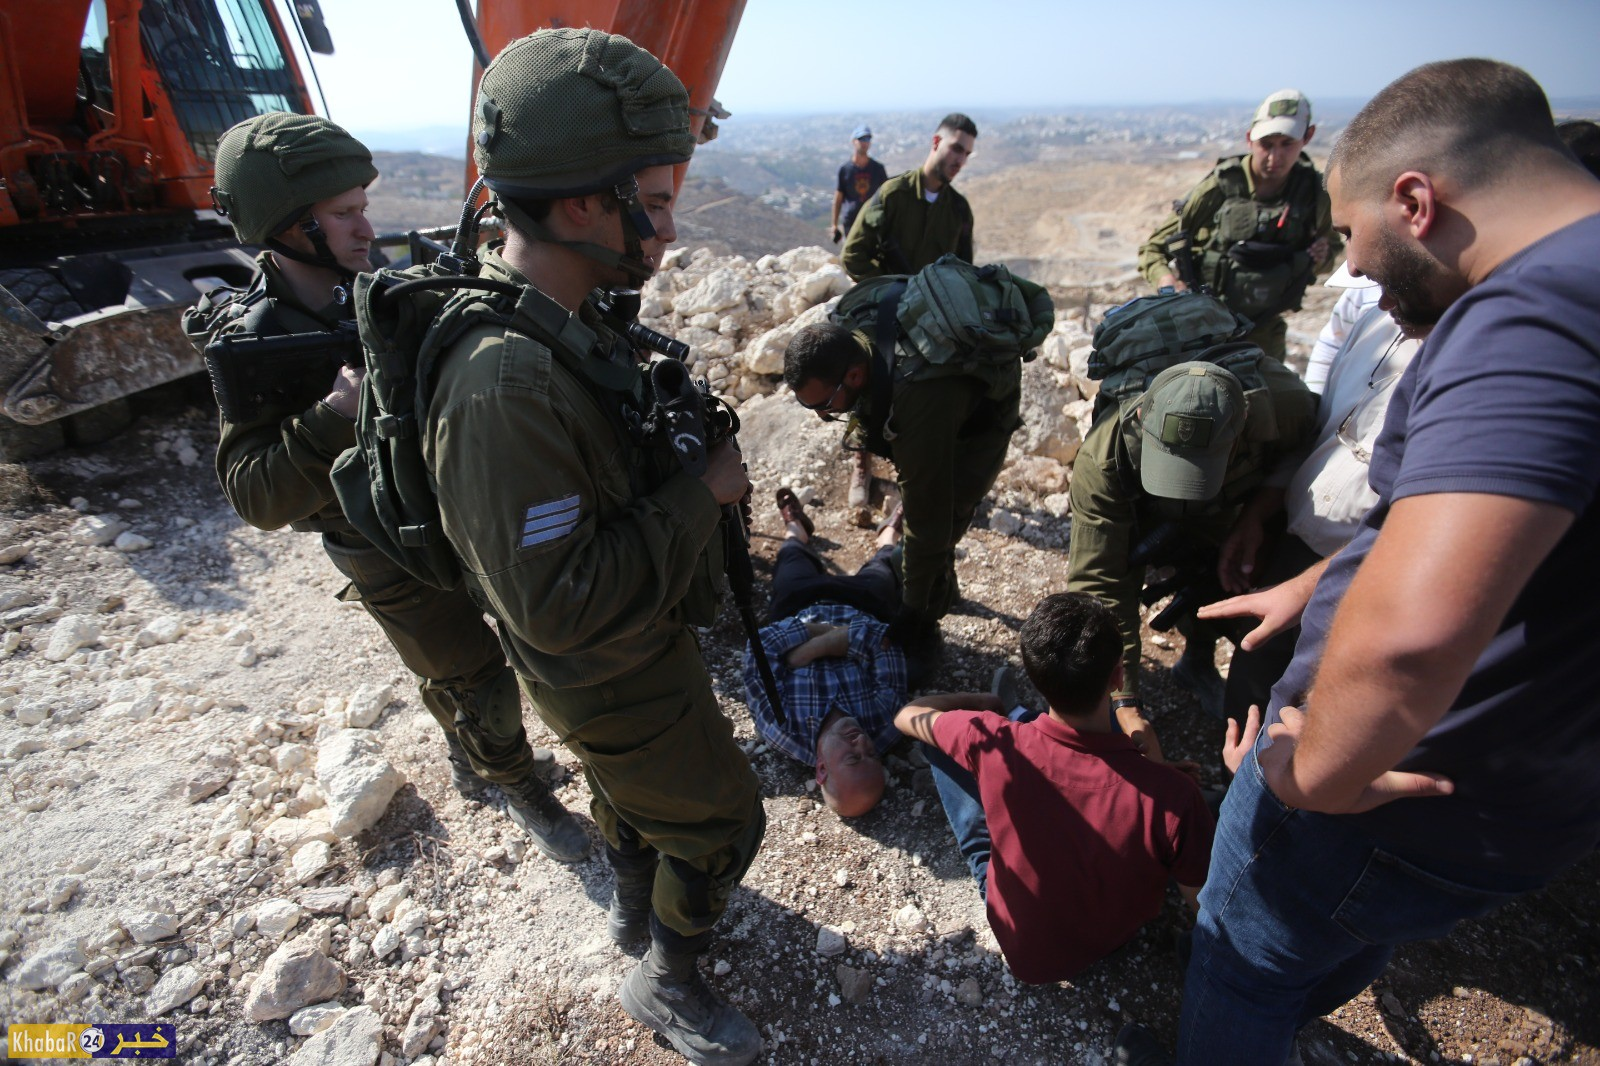 قوات الاحتلال تمنعشق شارع زراعي في اراضي المواطنينببلدة دورا وتصادر حفارا